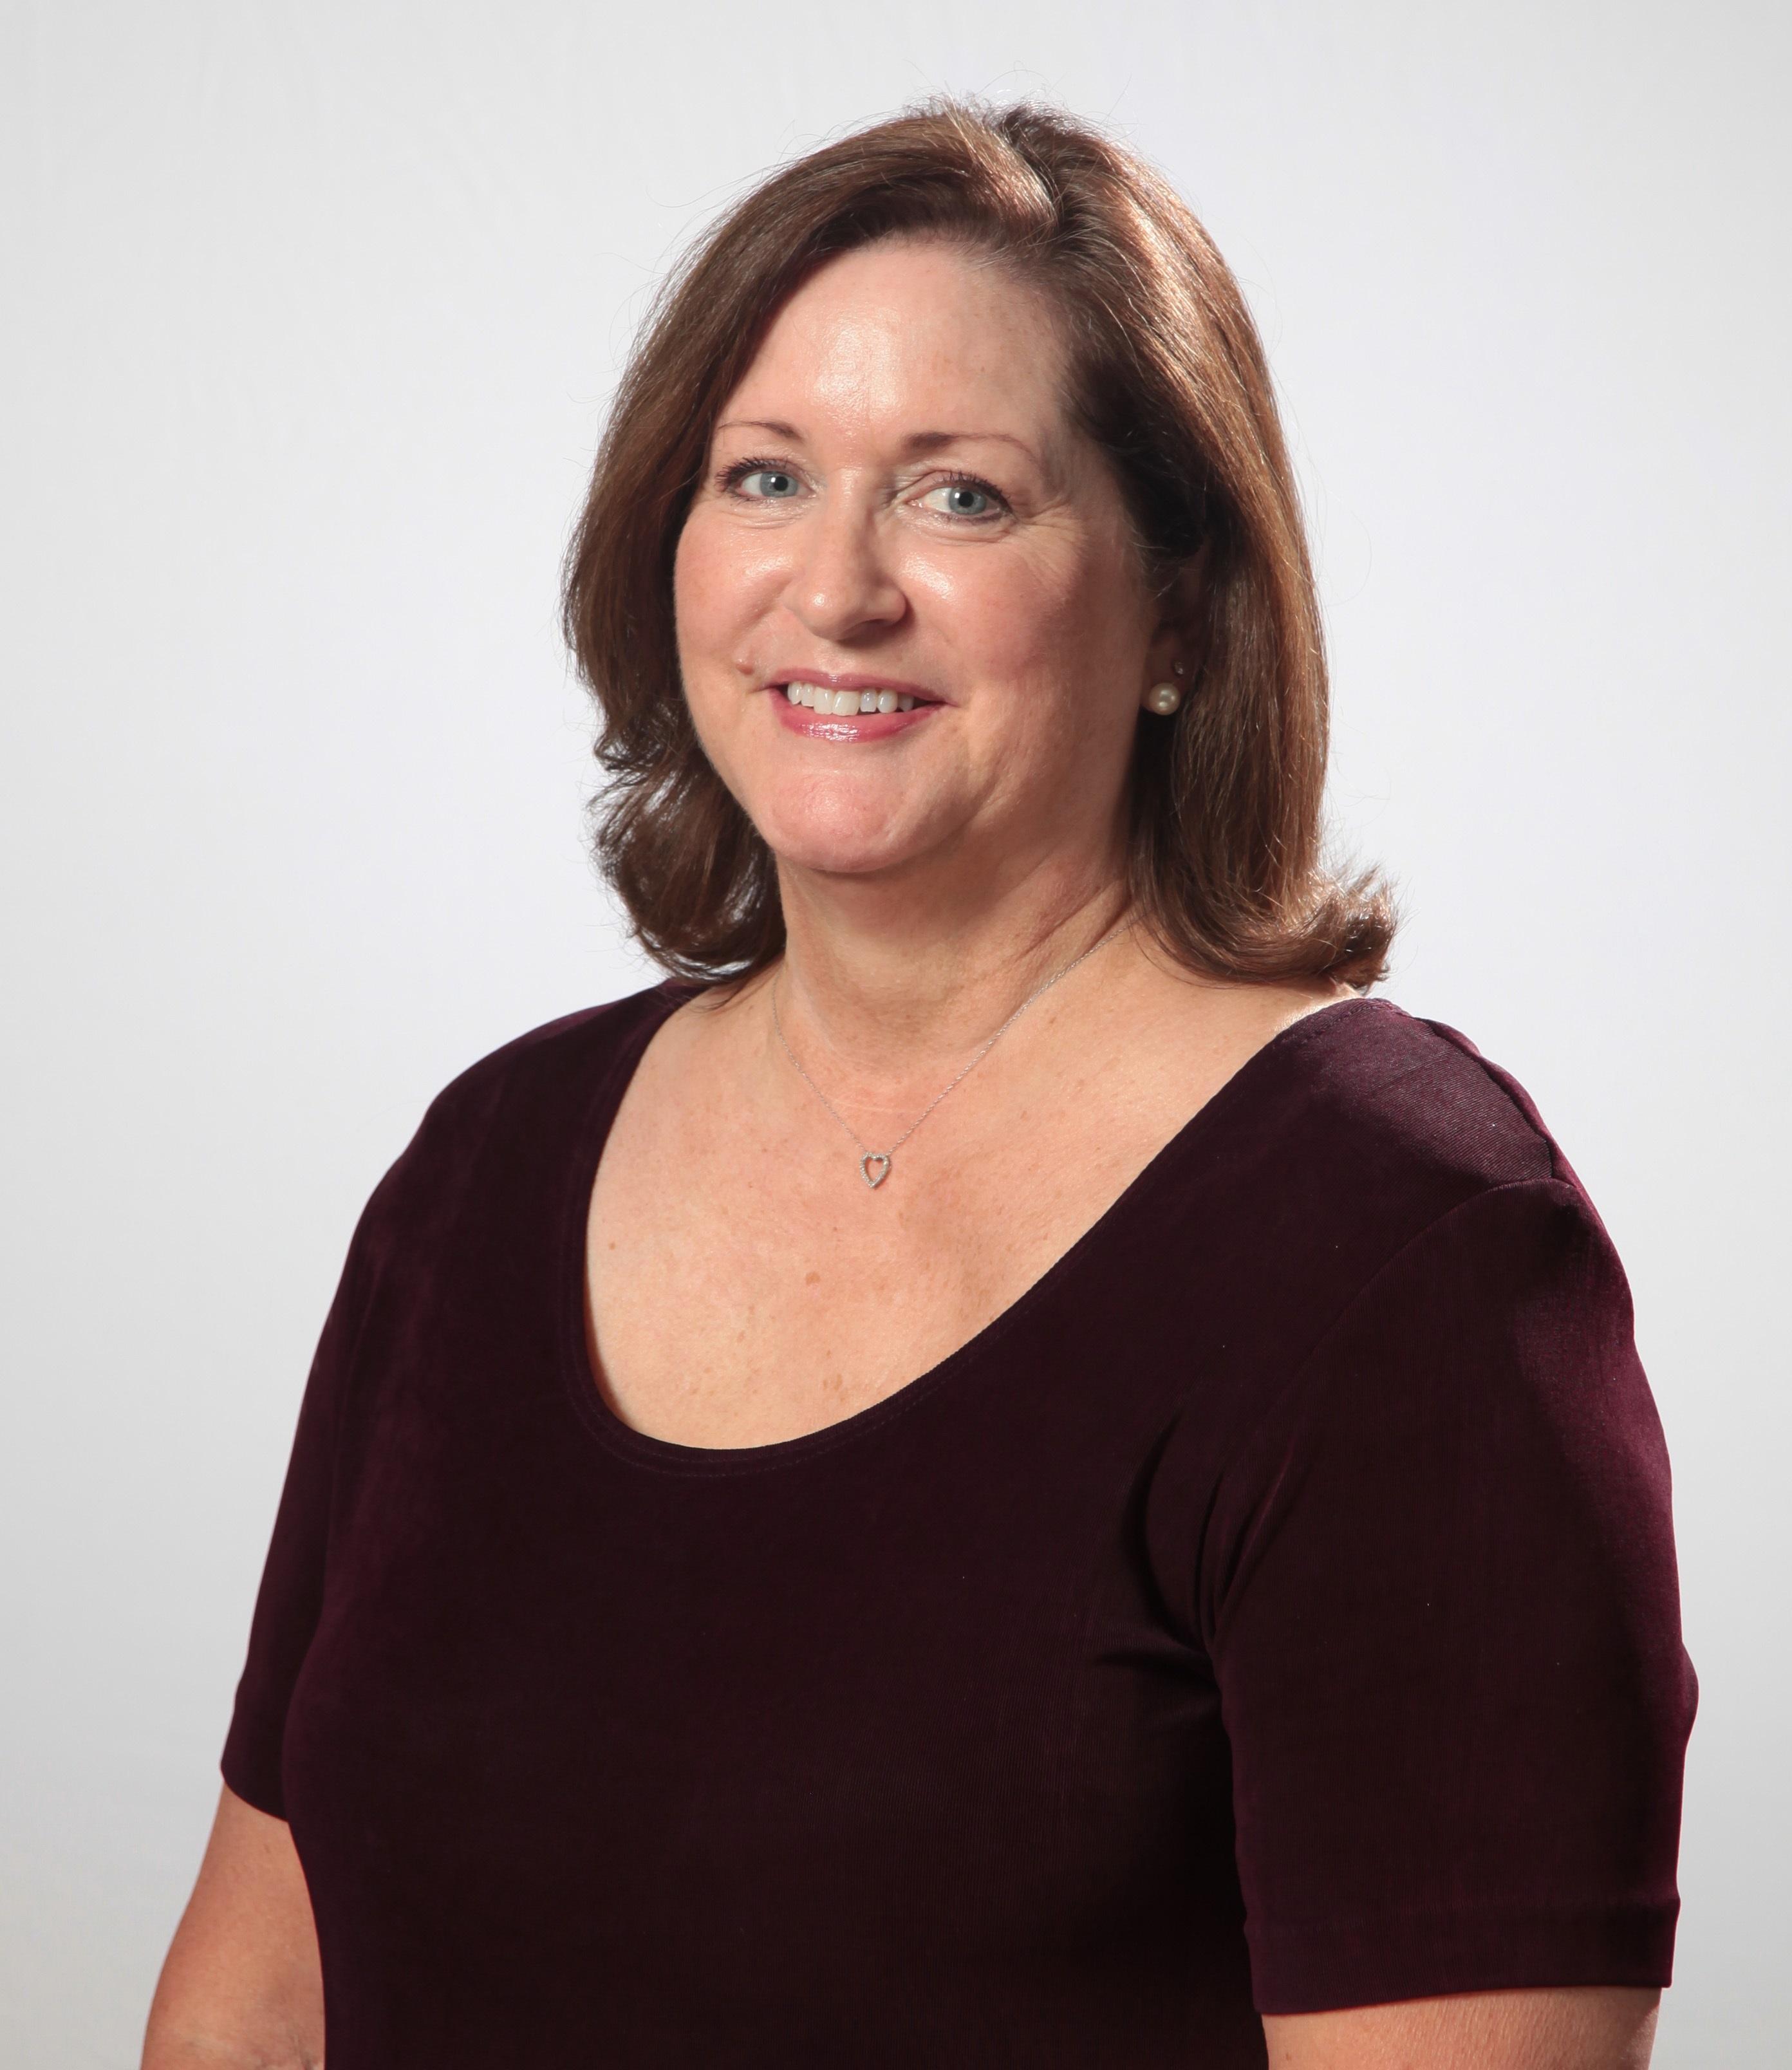 Debbie Jinkins